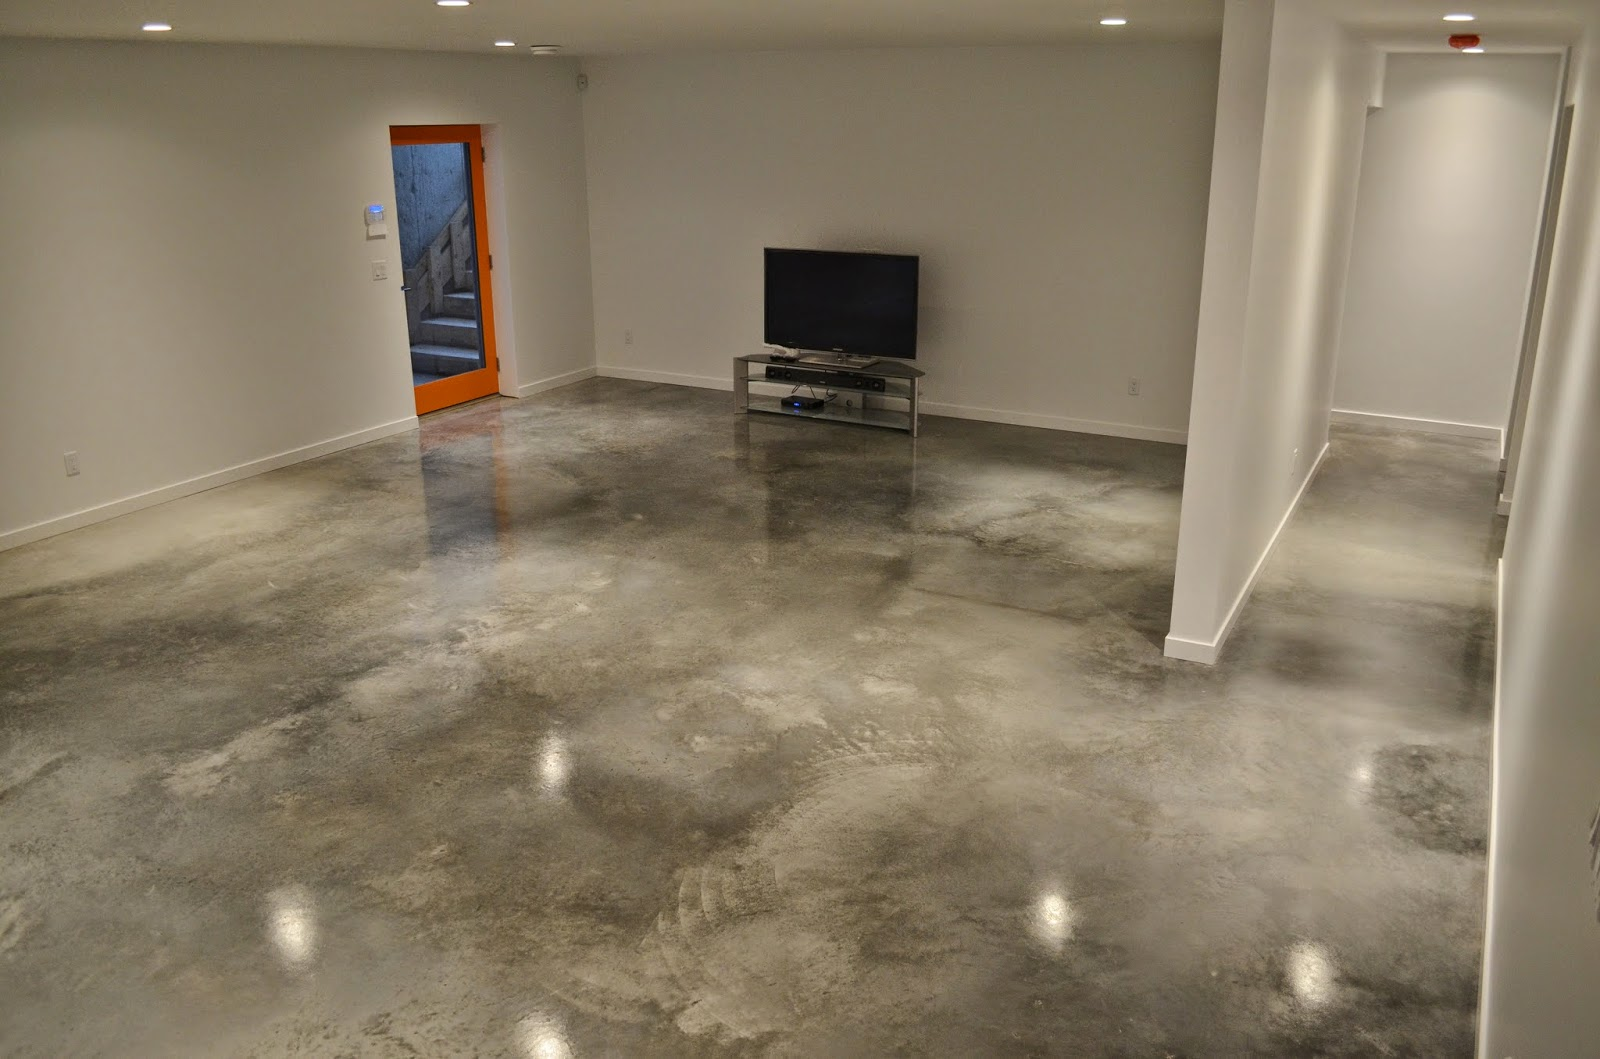 Pin Concrete Floor Finishes Resin Flooring on Pinterest